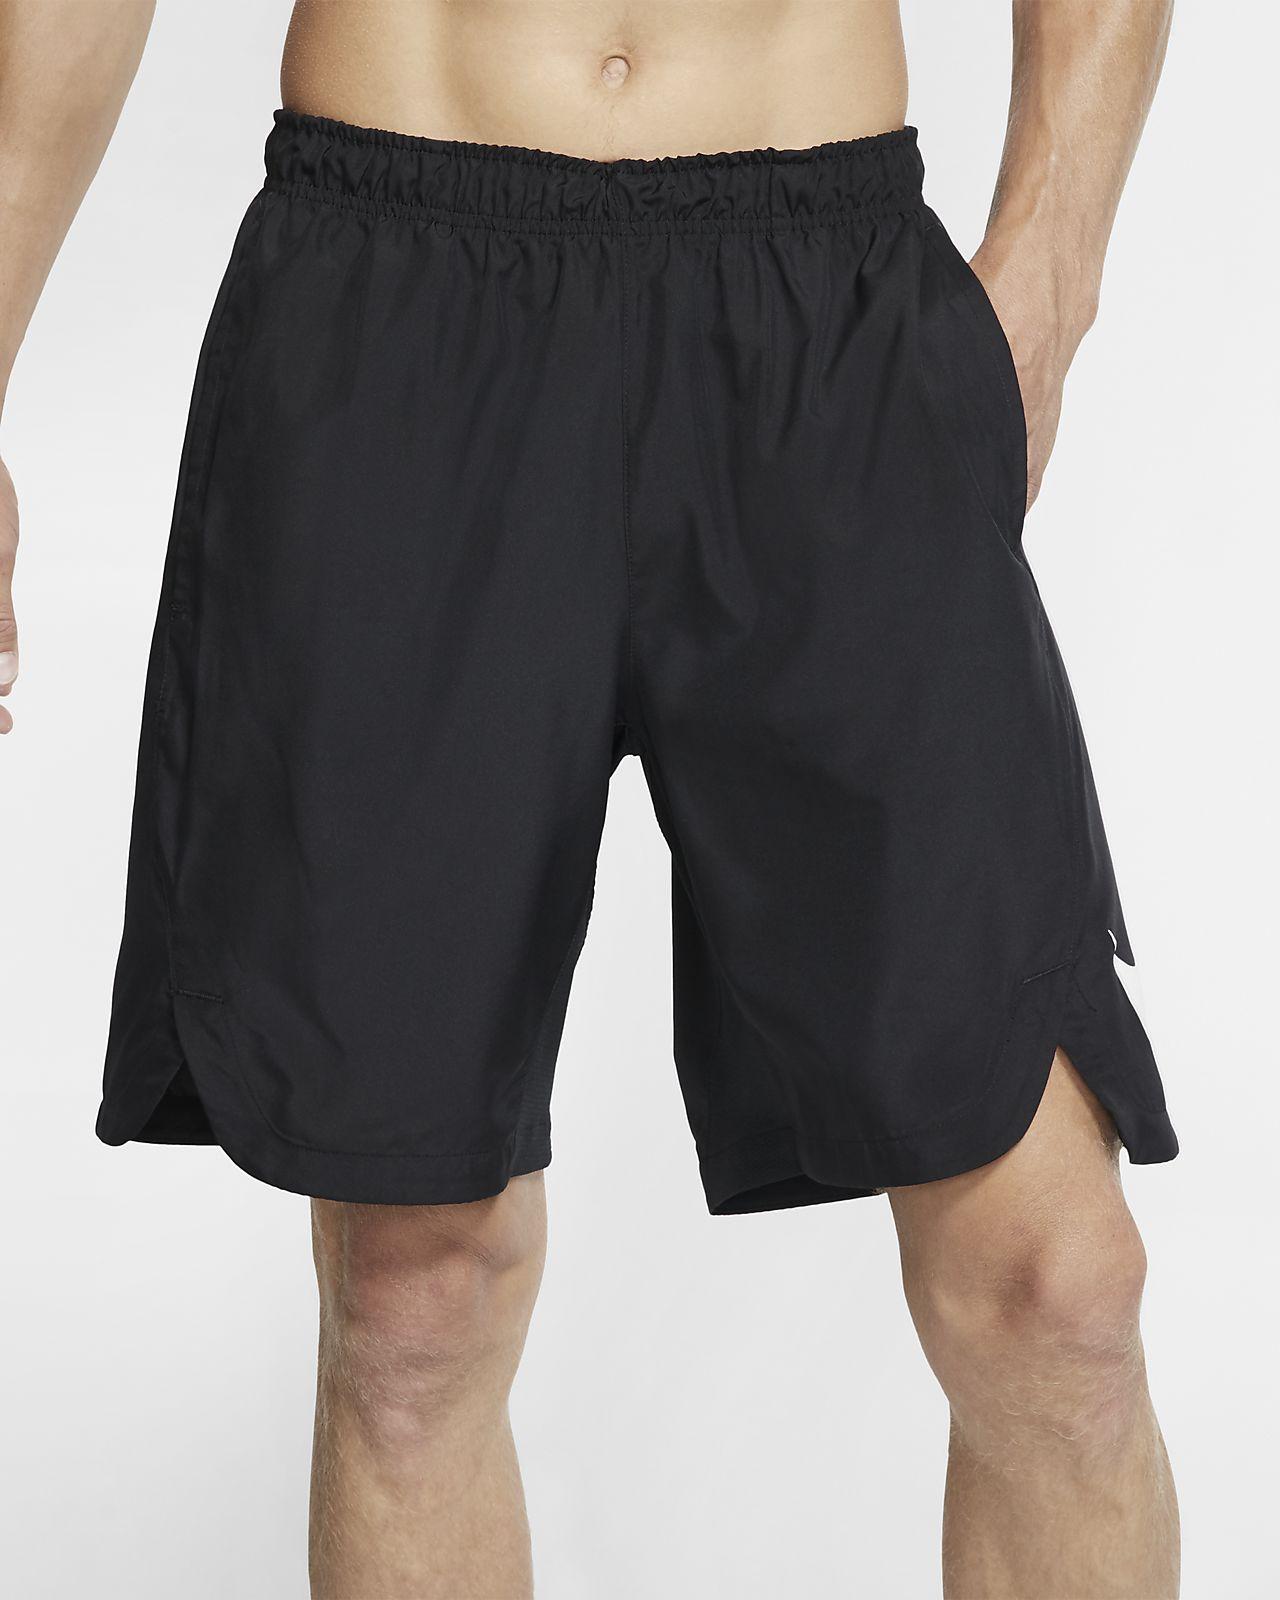 Nike Men's Baseball Short